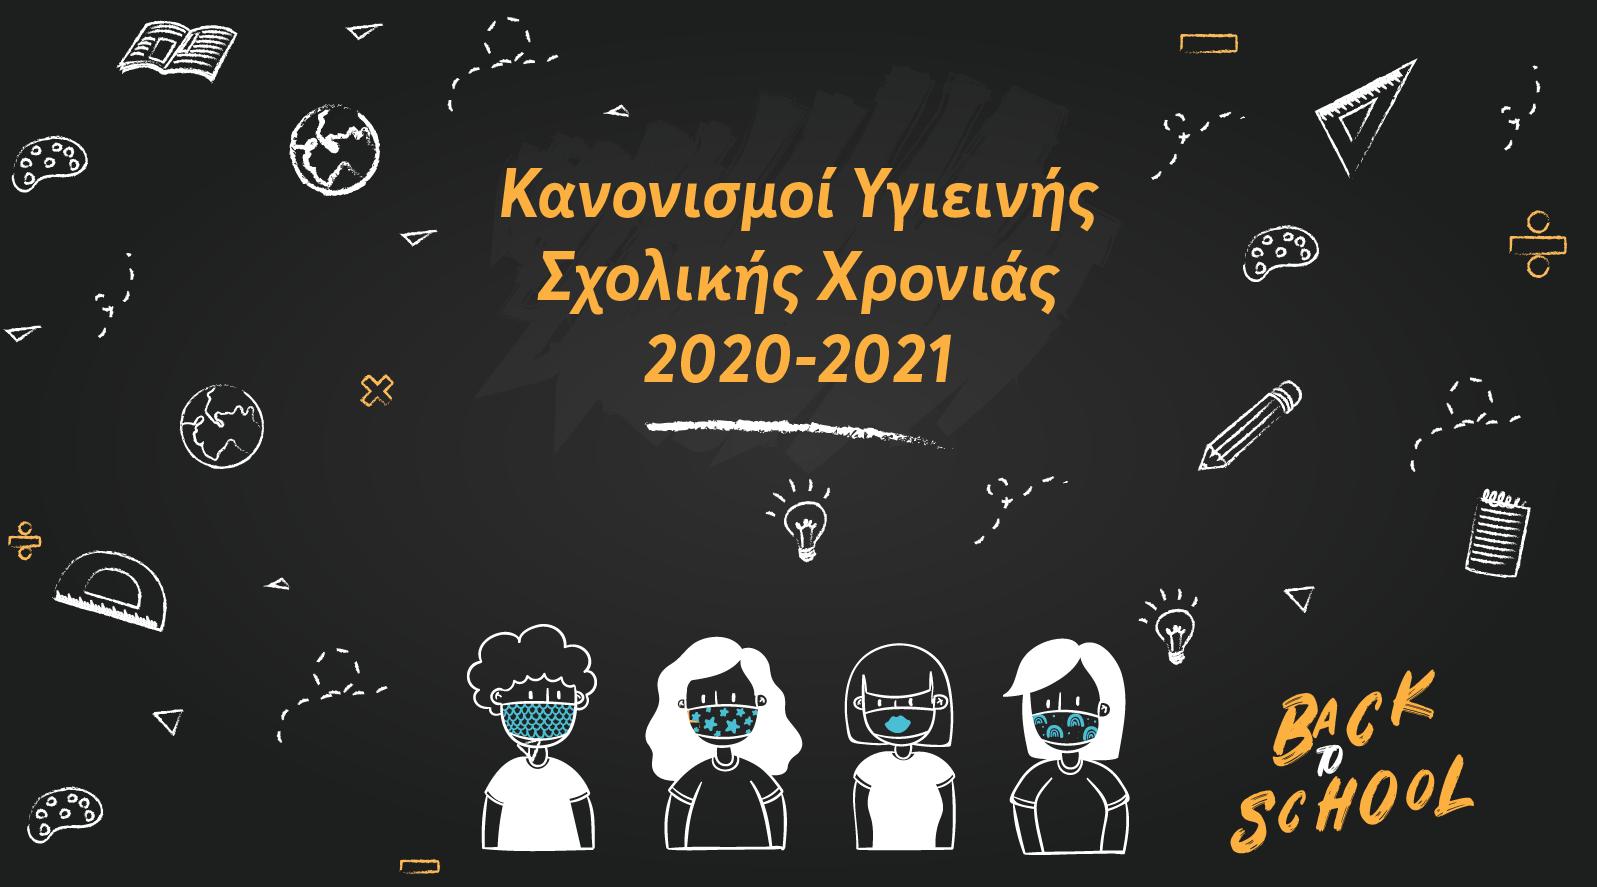 Κανονισμοί Υγιεινής Σχολικής Χρονιάς 2020-2021 1